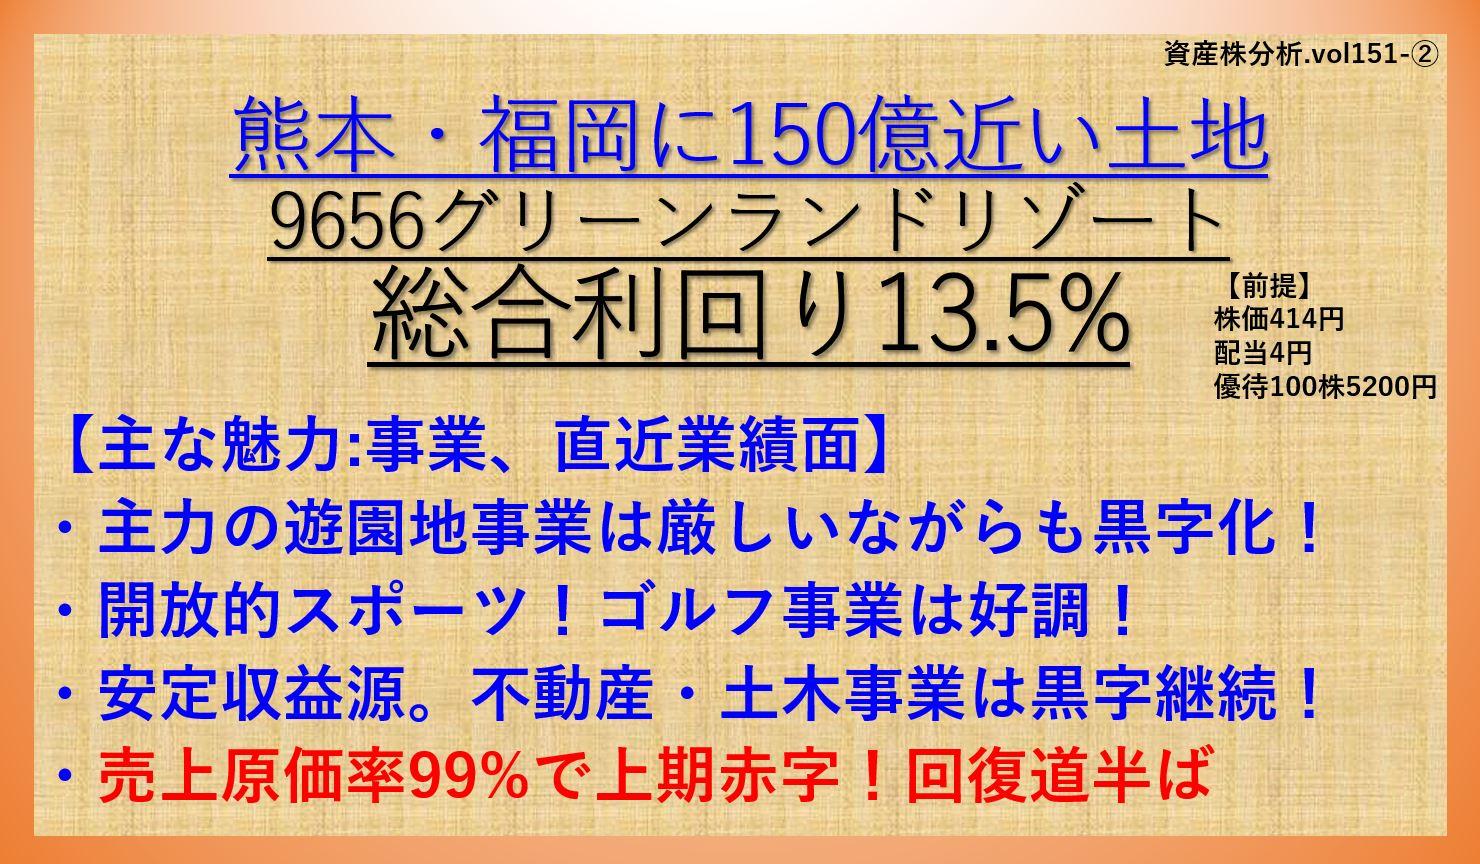 資産株-グリーンランドリゾート-9656-②